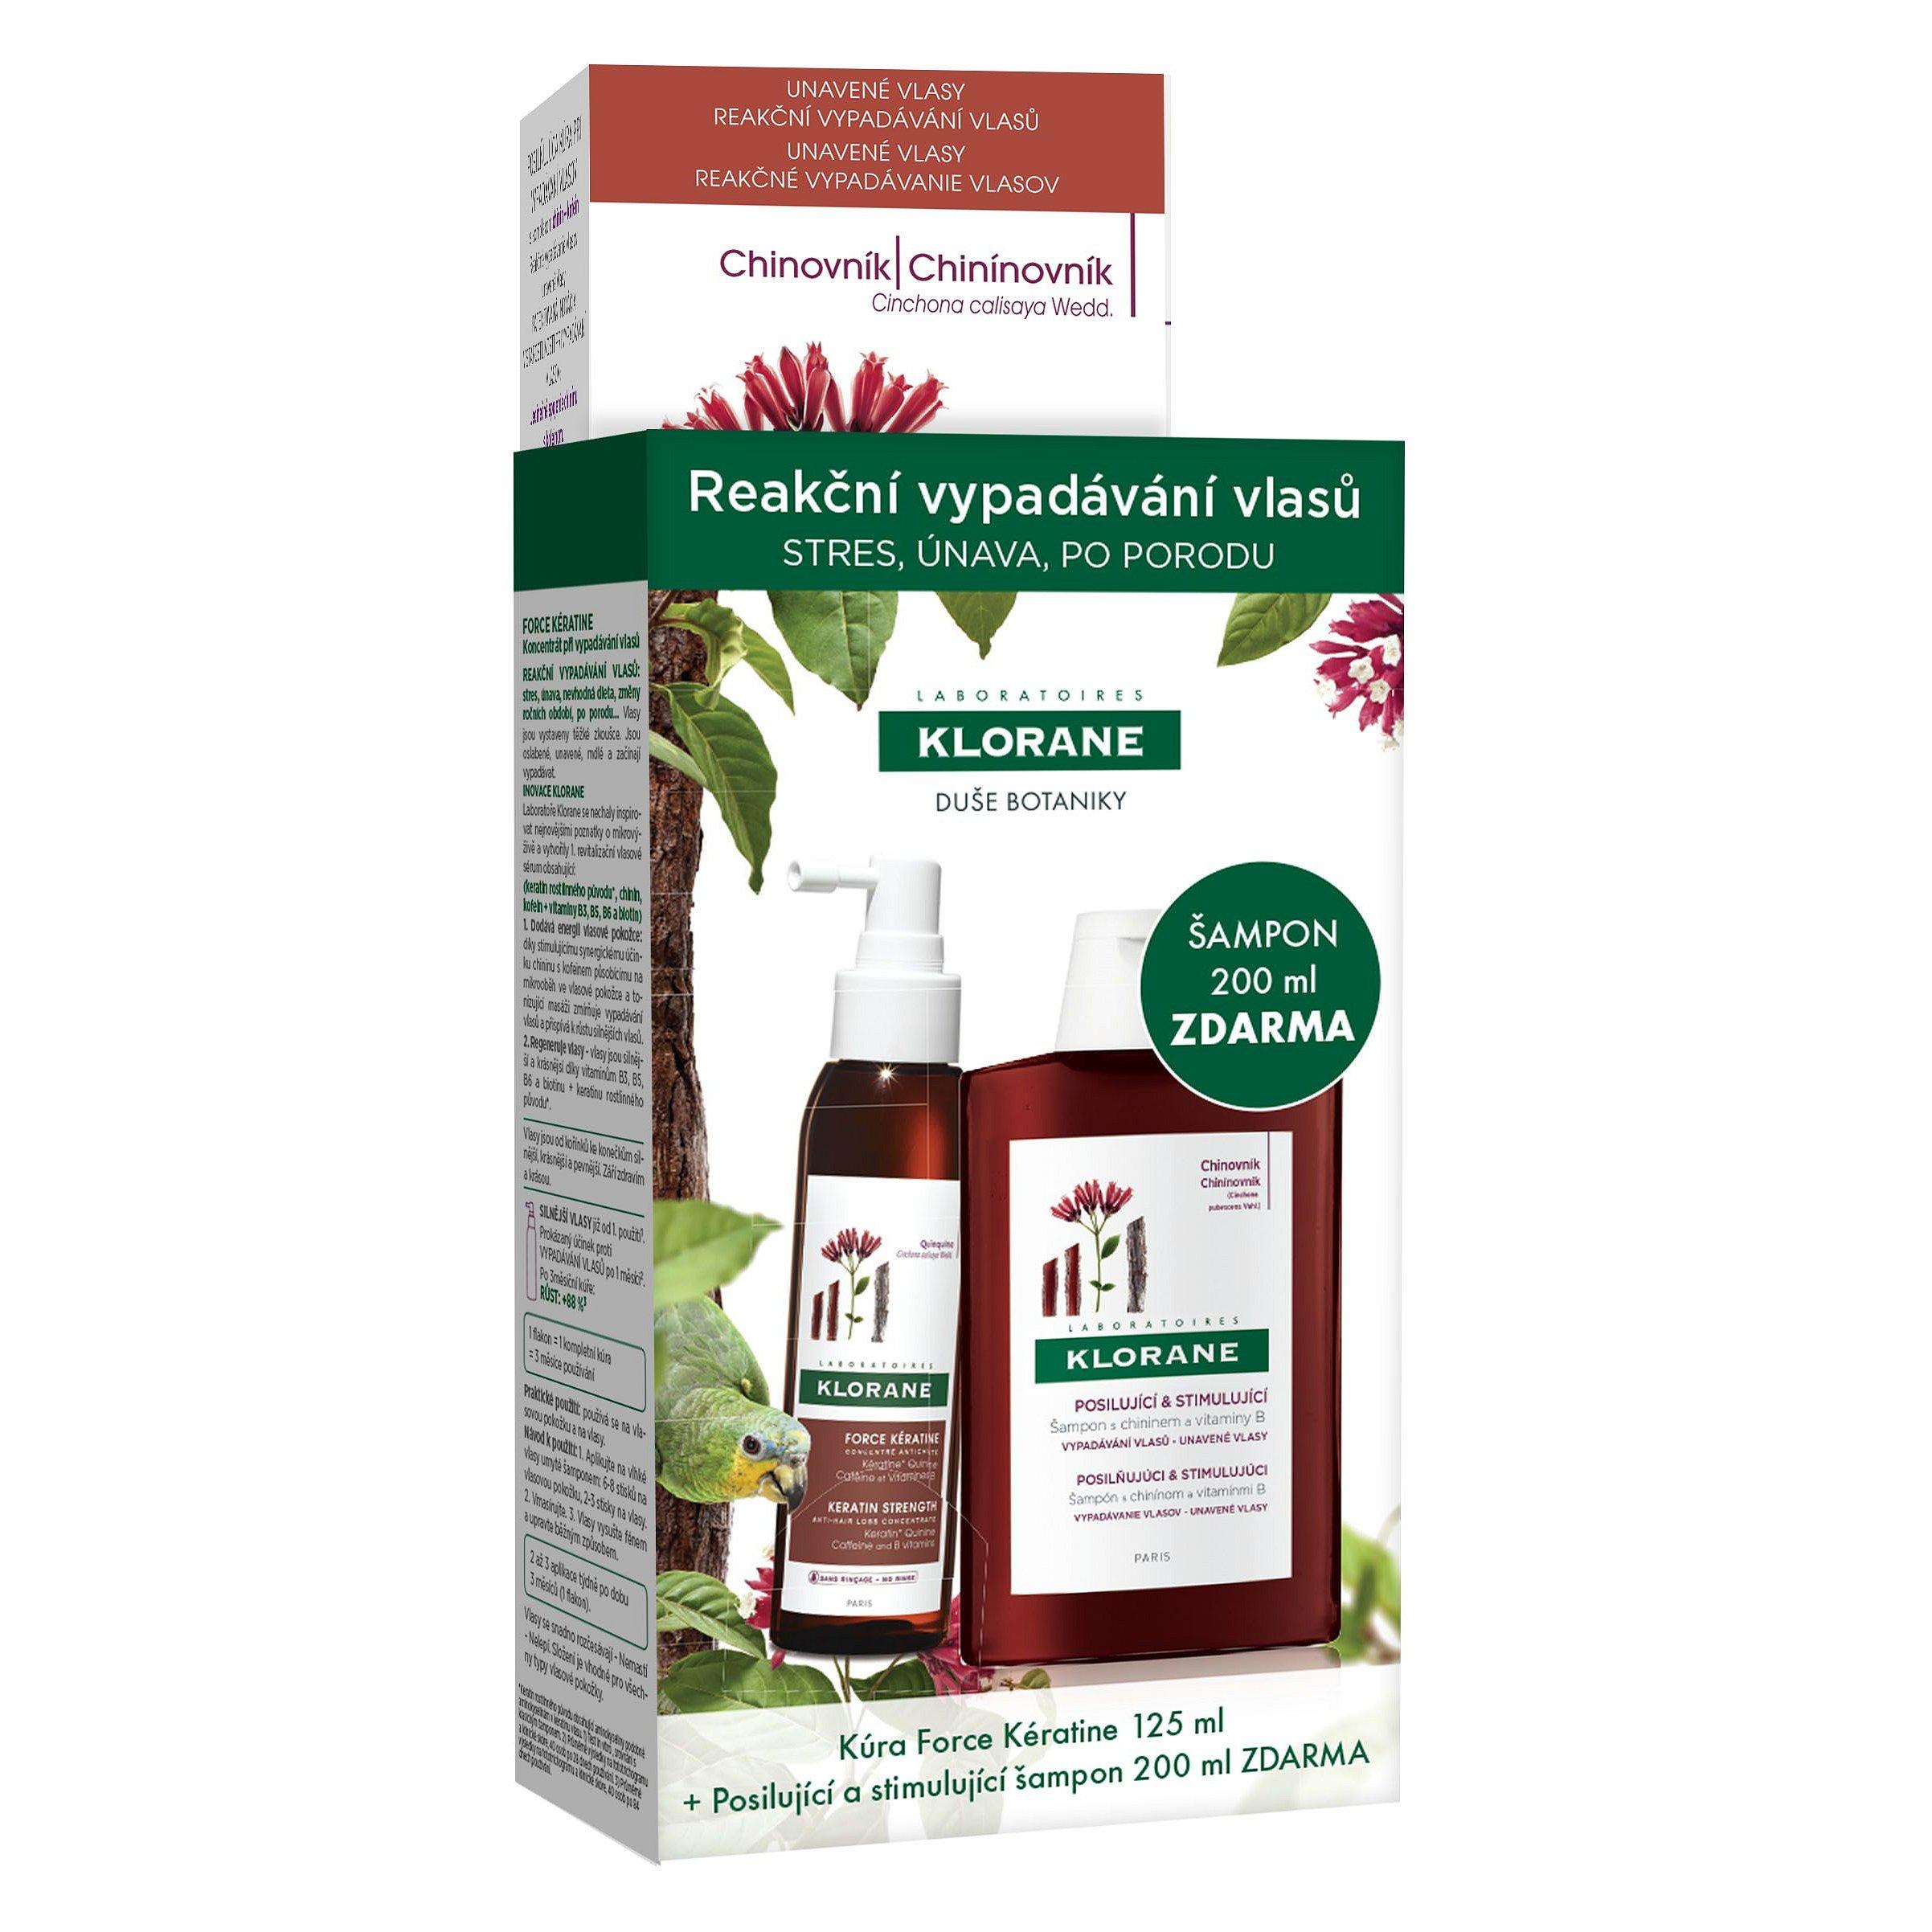 KLORANE Reakční vypadávání vlasů Force Kératine 125 ml + Šampon s chininem 200 ml